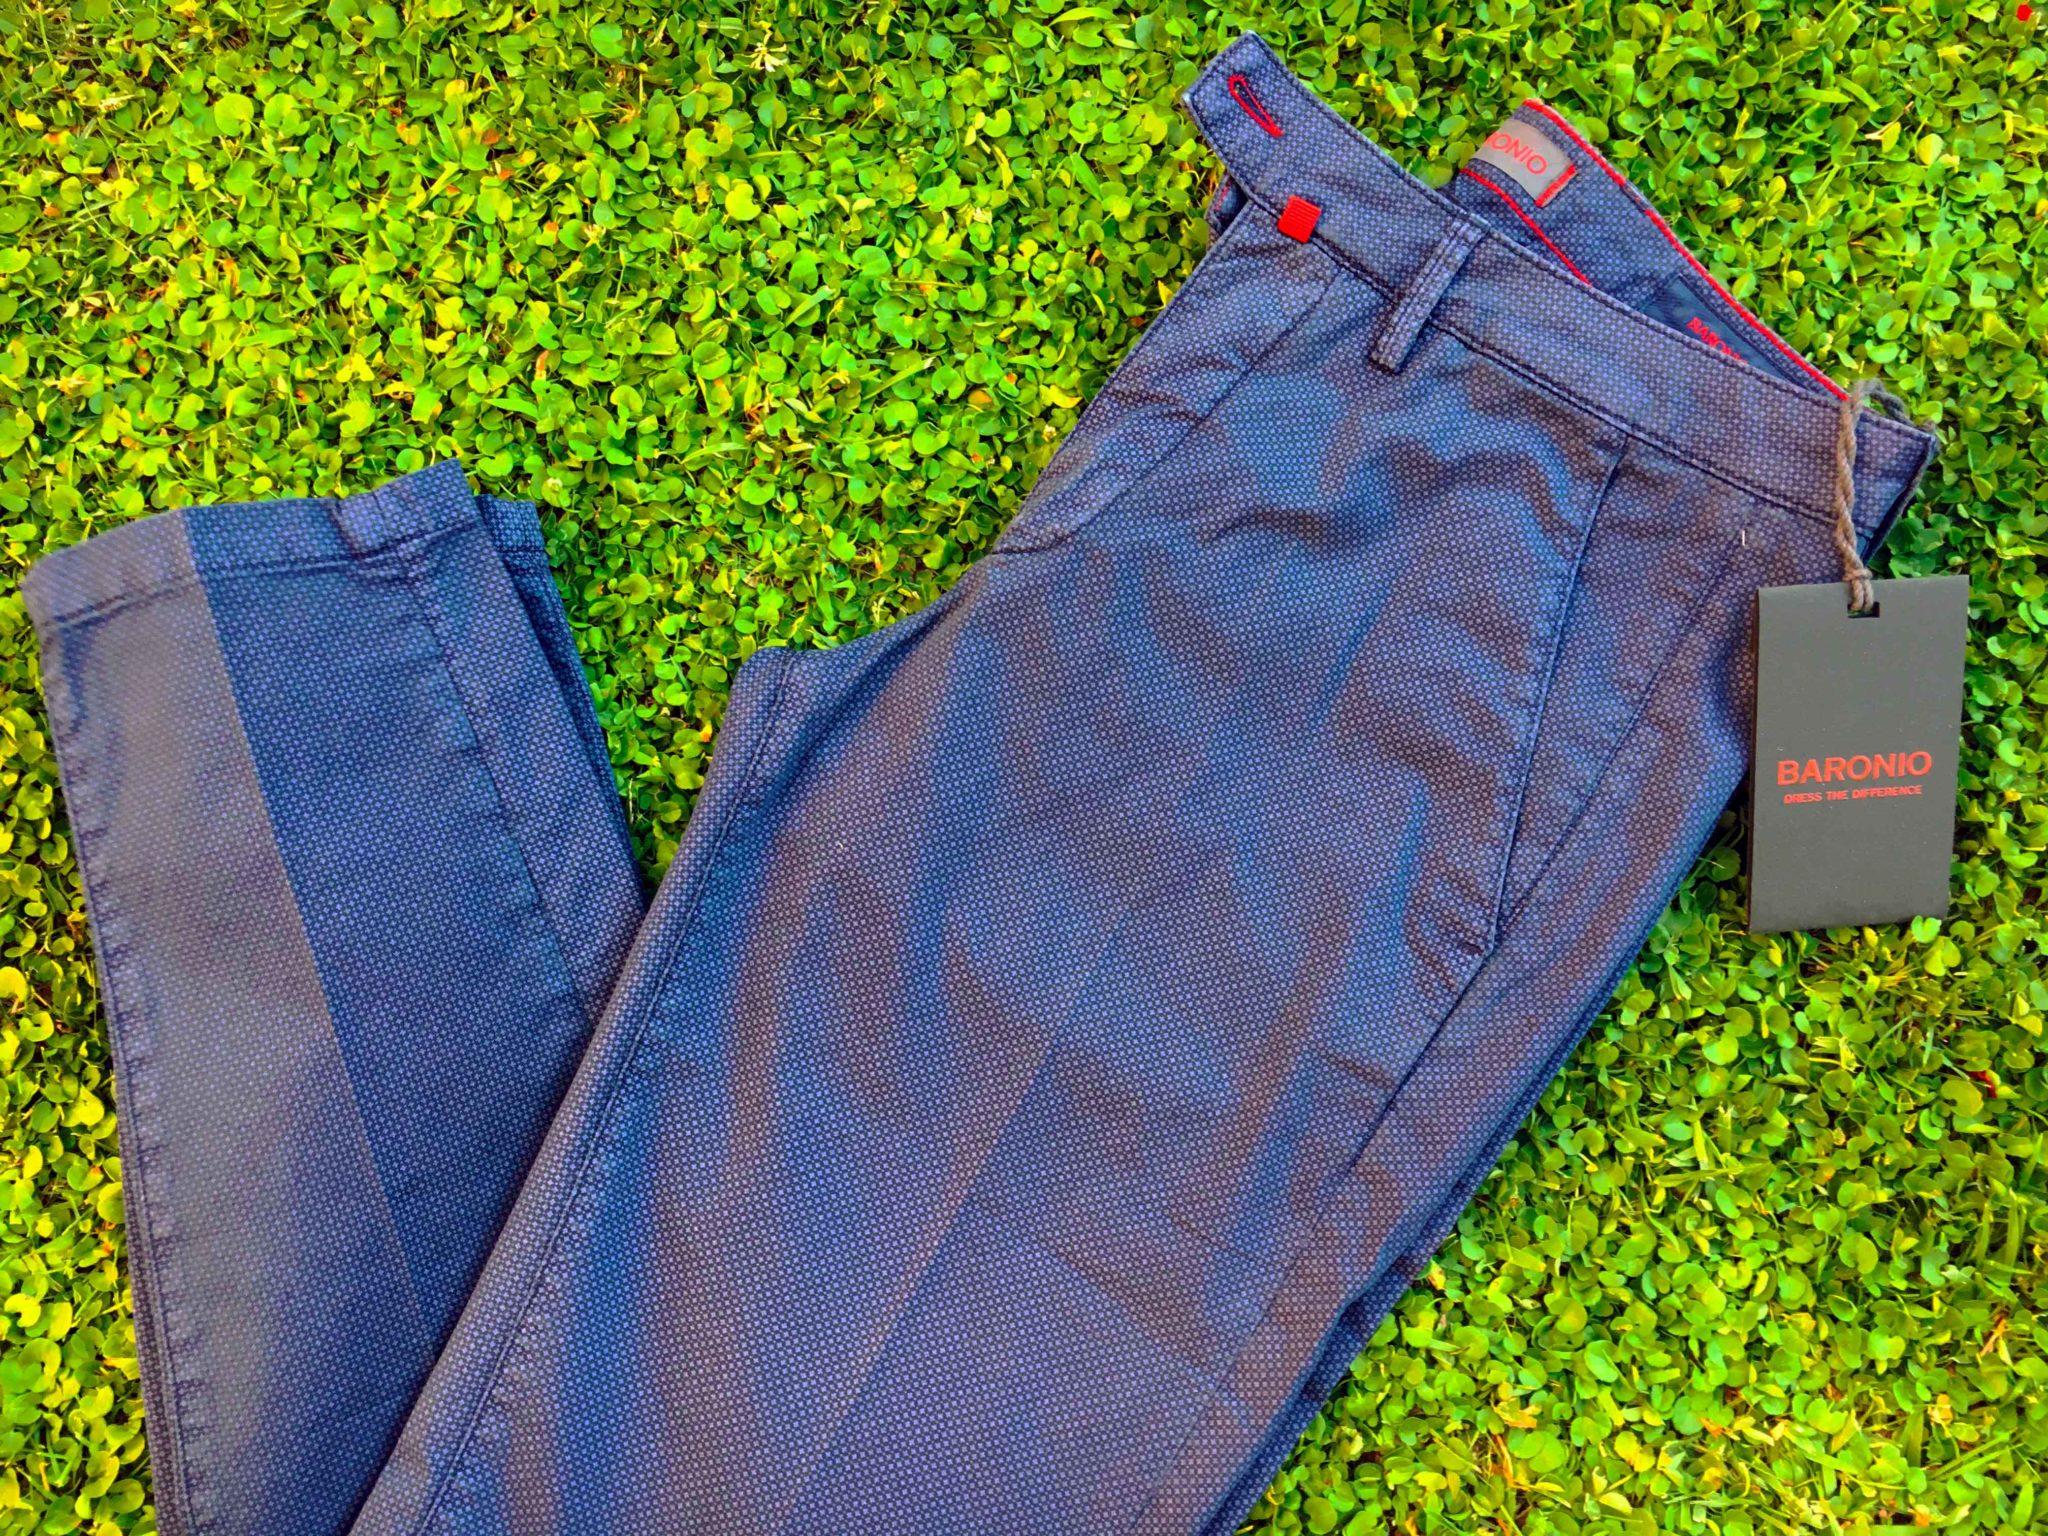 baronio-pantaloni-5